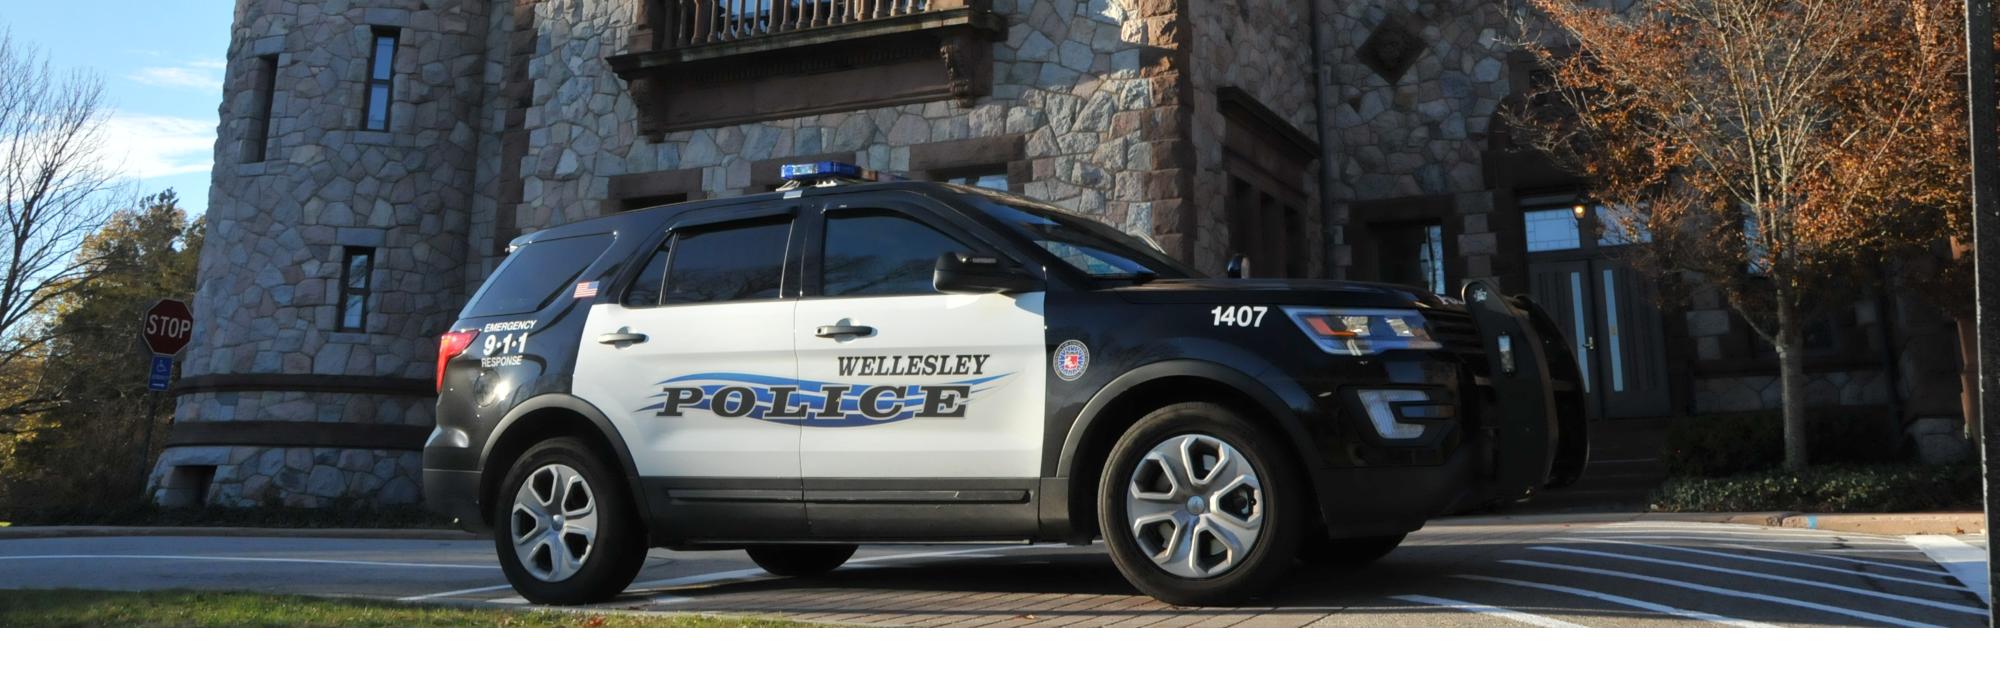 Police | Wellesley, MA